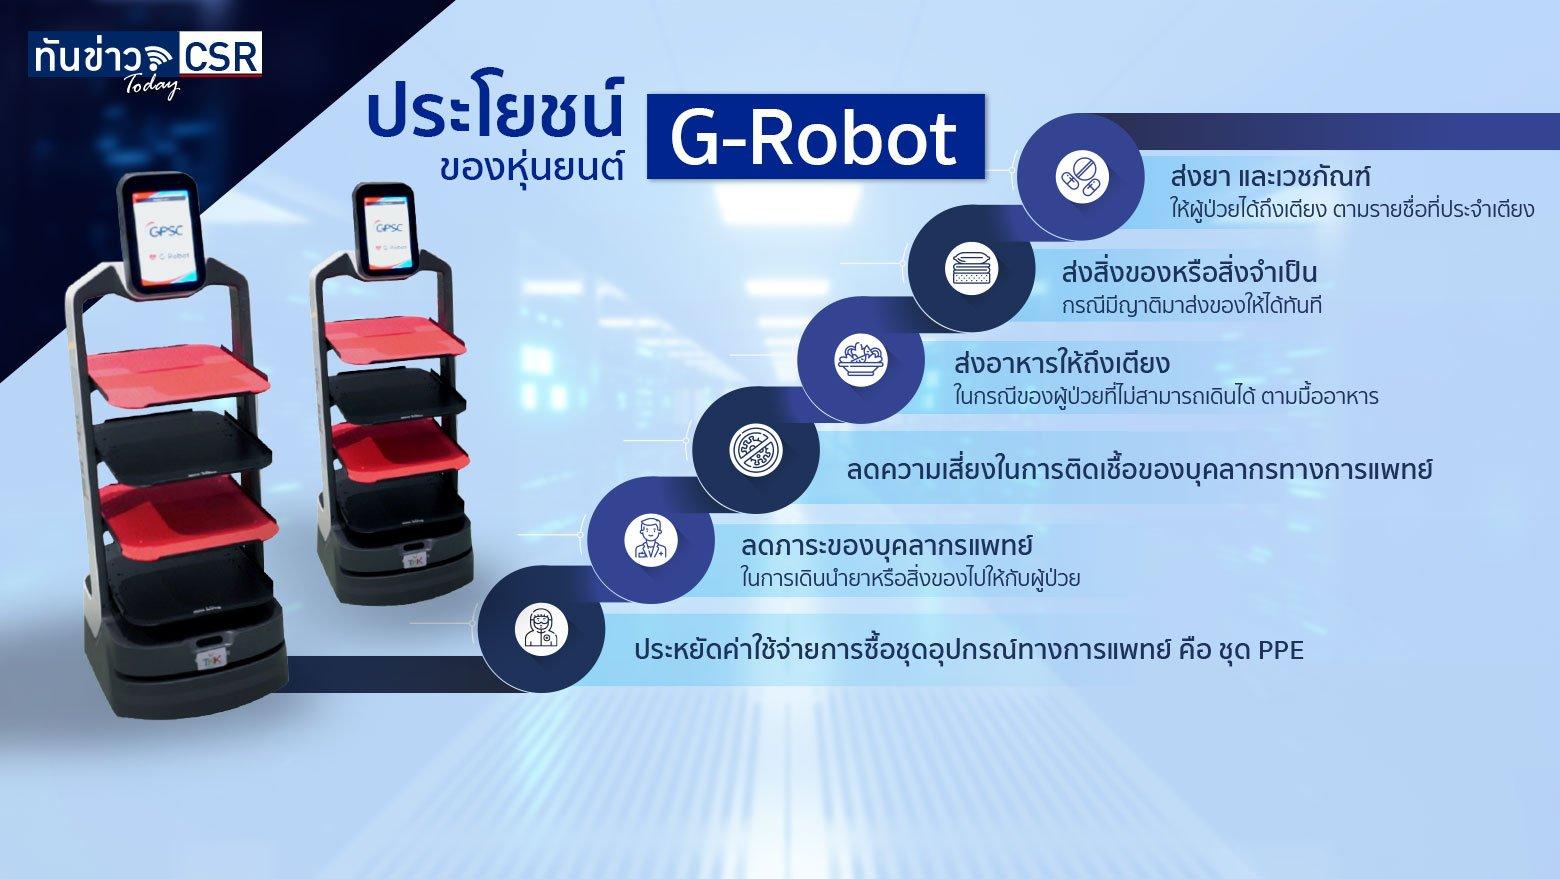 หุ่นยนต์ ตอบโจทย์การสัมผัสผู้ป่วย